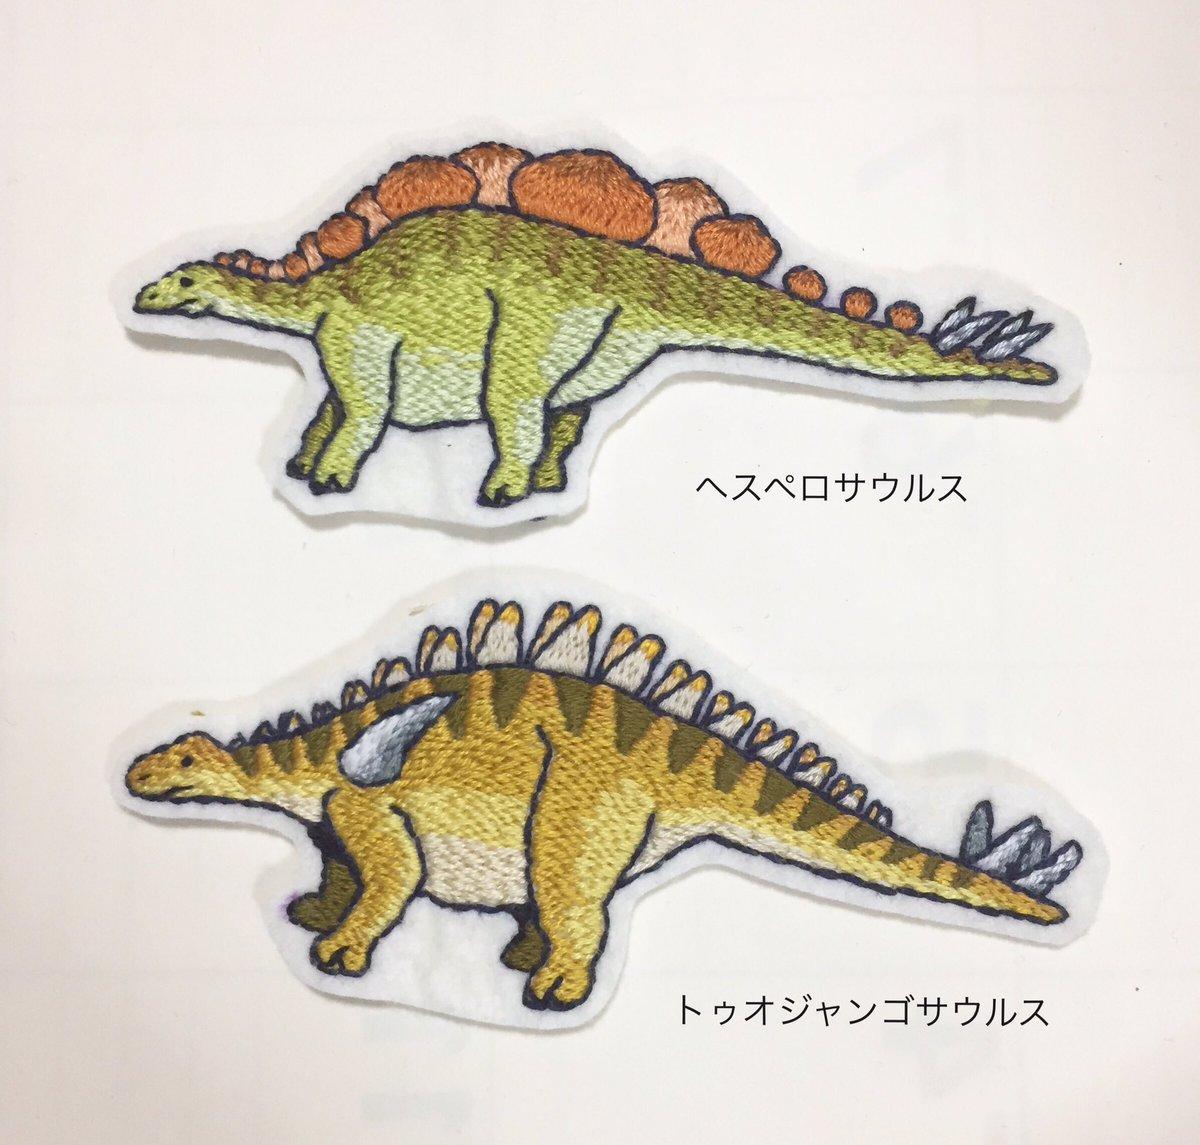 """ちくちくサウルス_embroidery ar Twitter: """"新作のヘスペロサウルス ..."""